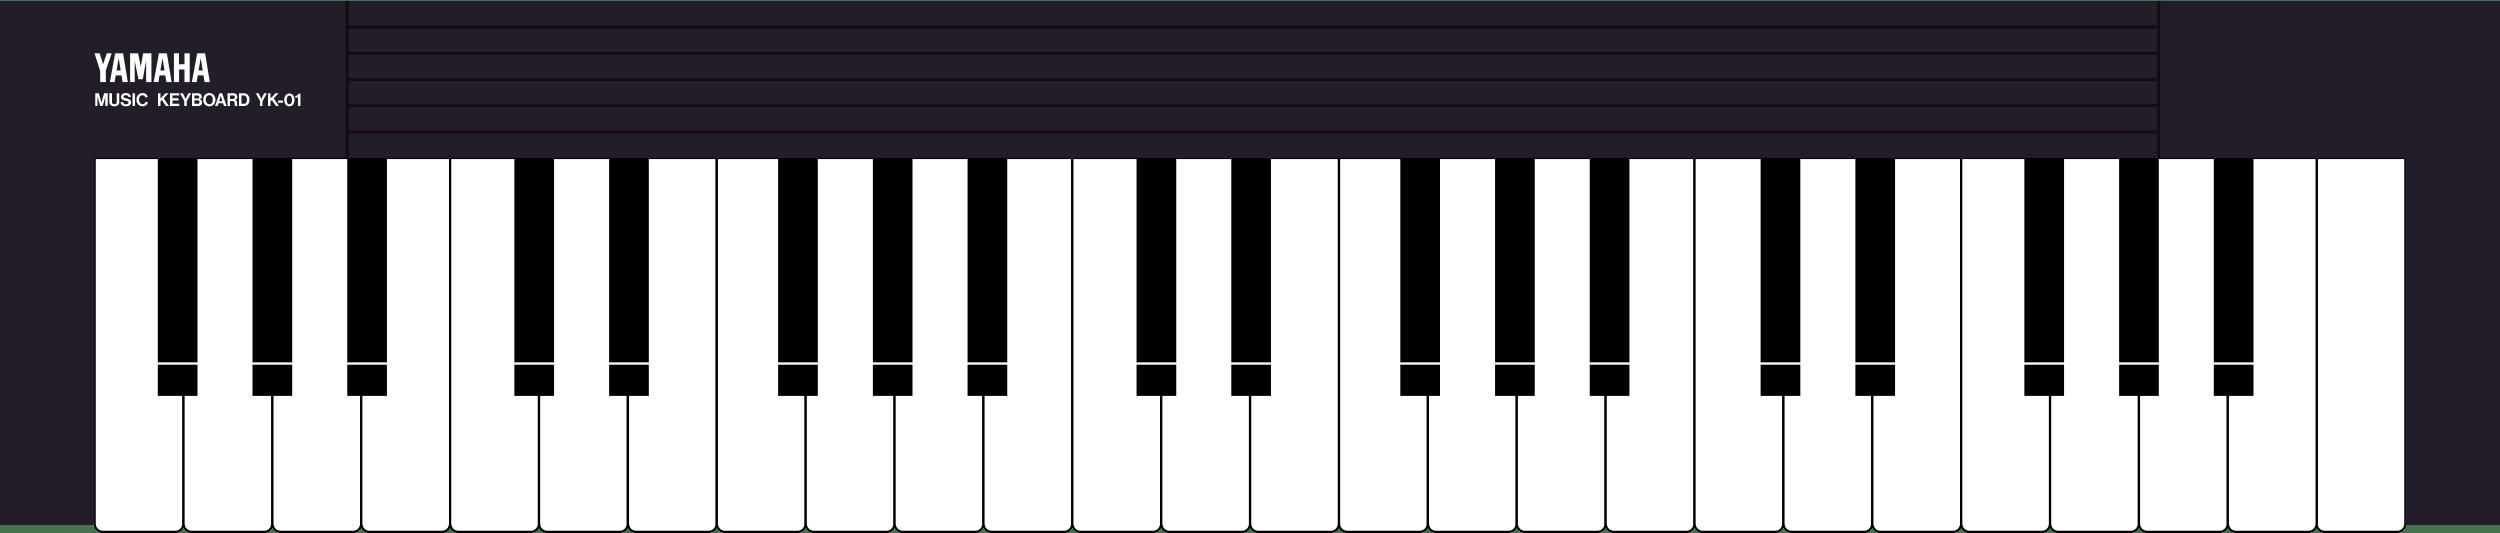 Yamaha YK01 MSX keyboard